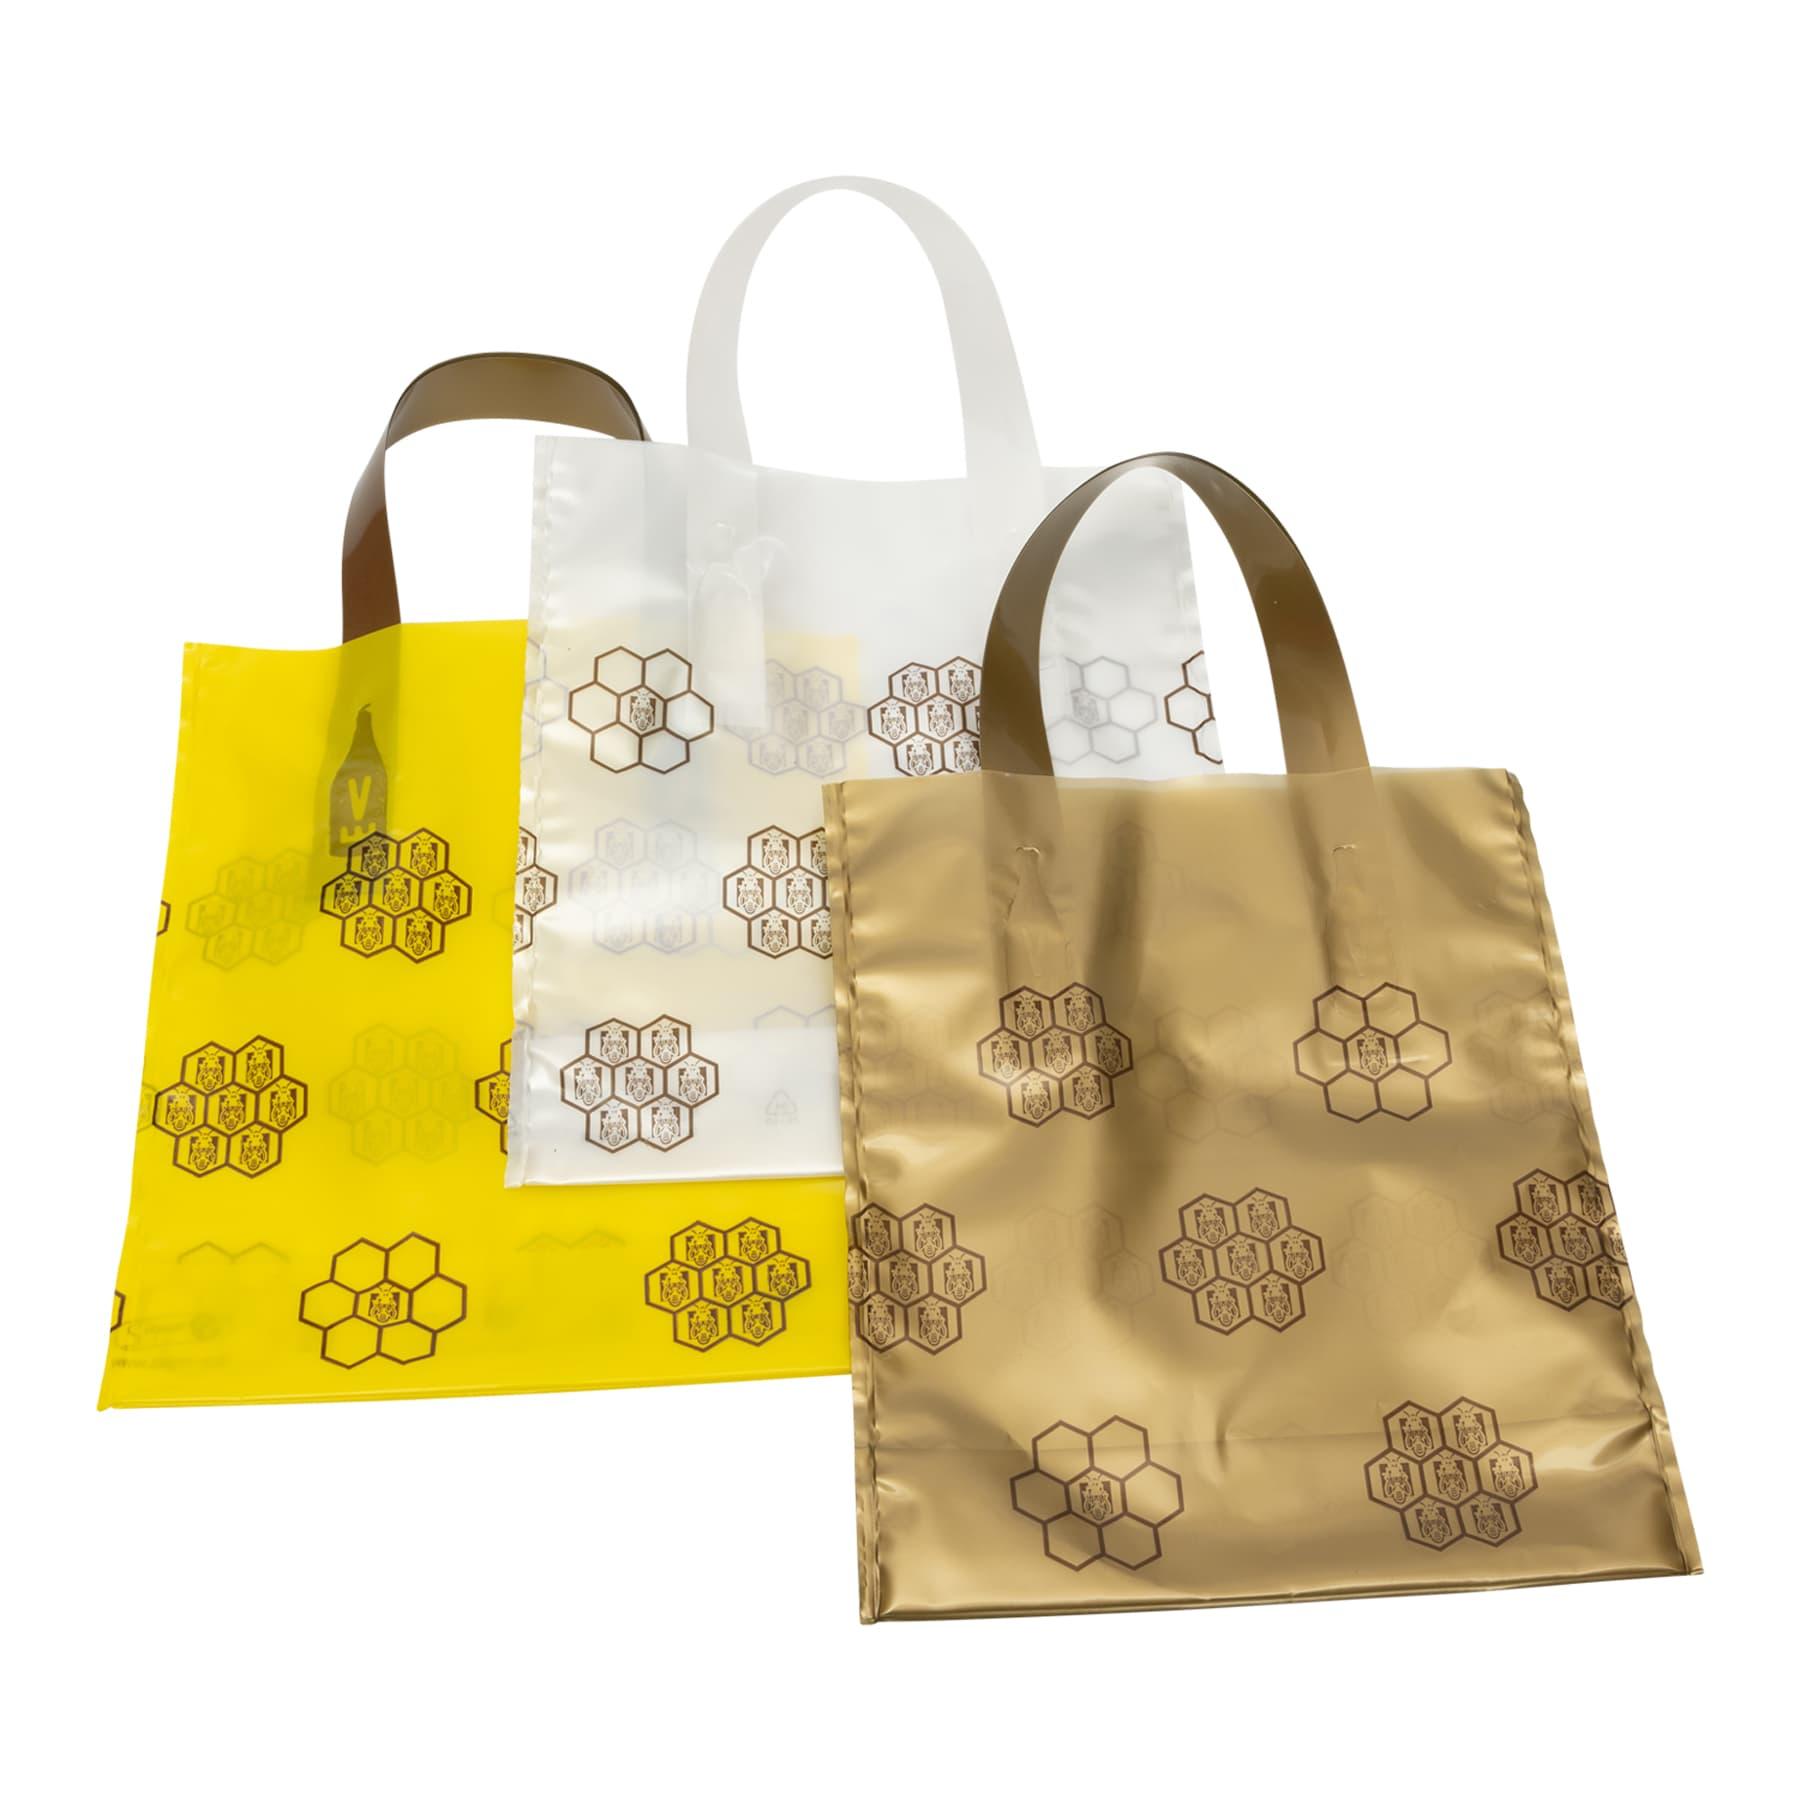 Geschenkbeutel 25 St. für 1 Glas Honig 500 g, dekorativer PE Beutel mit Wabenmuster verziert, Variante GOLD